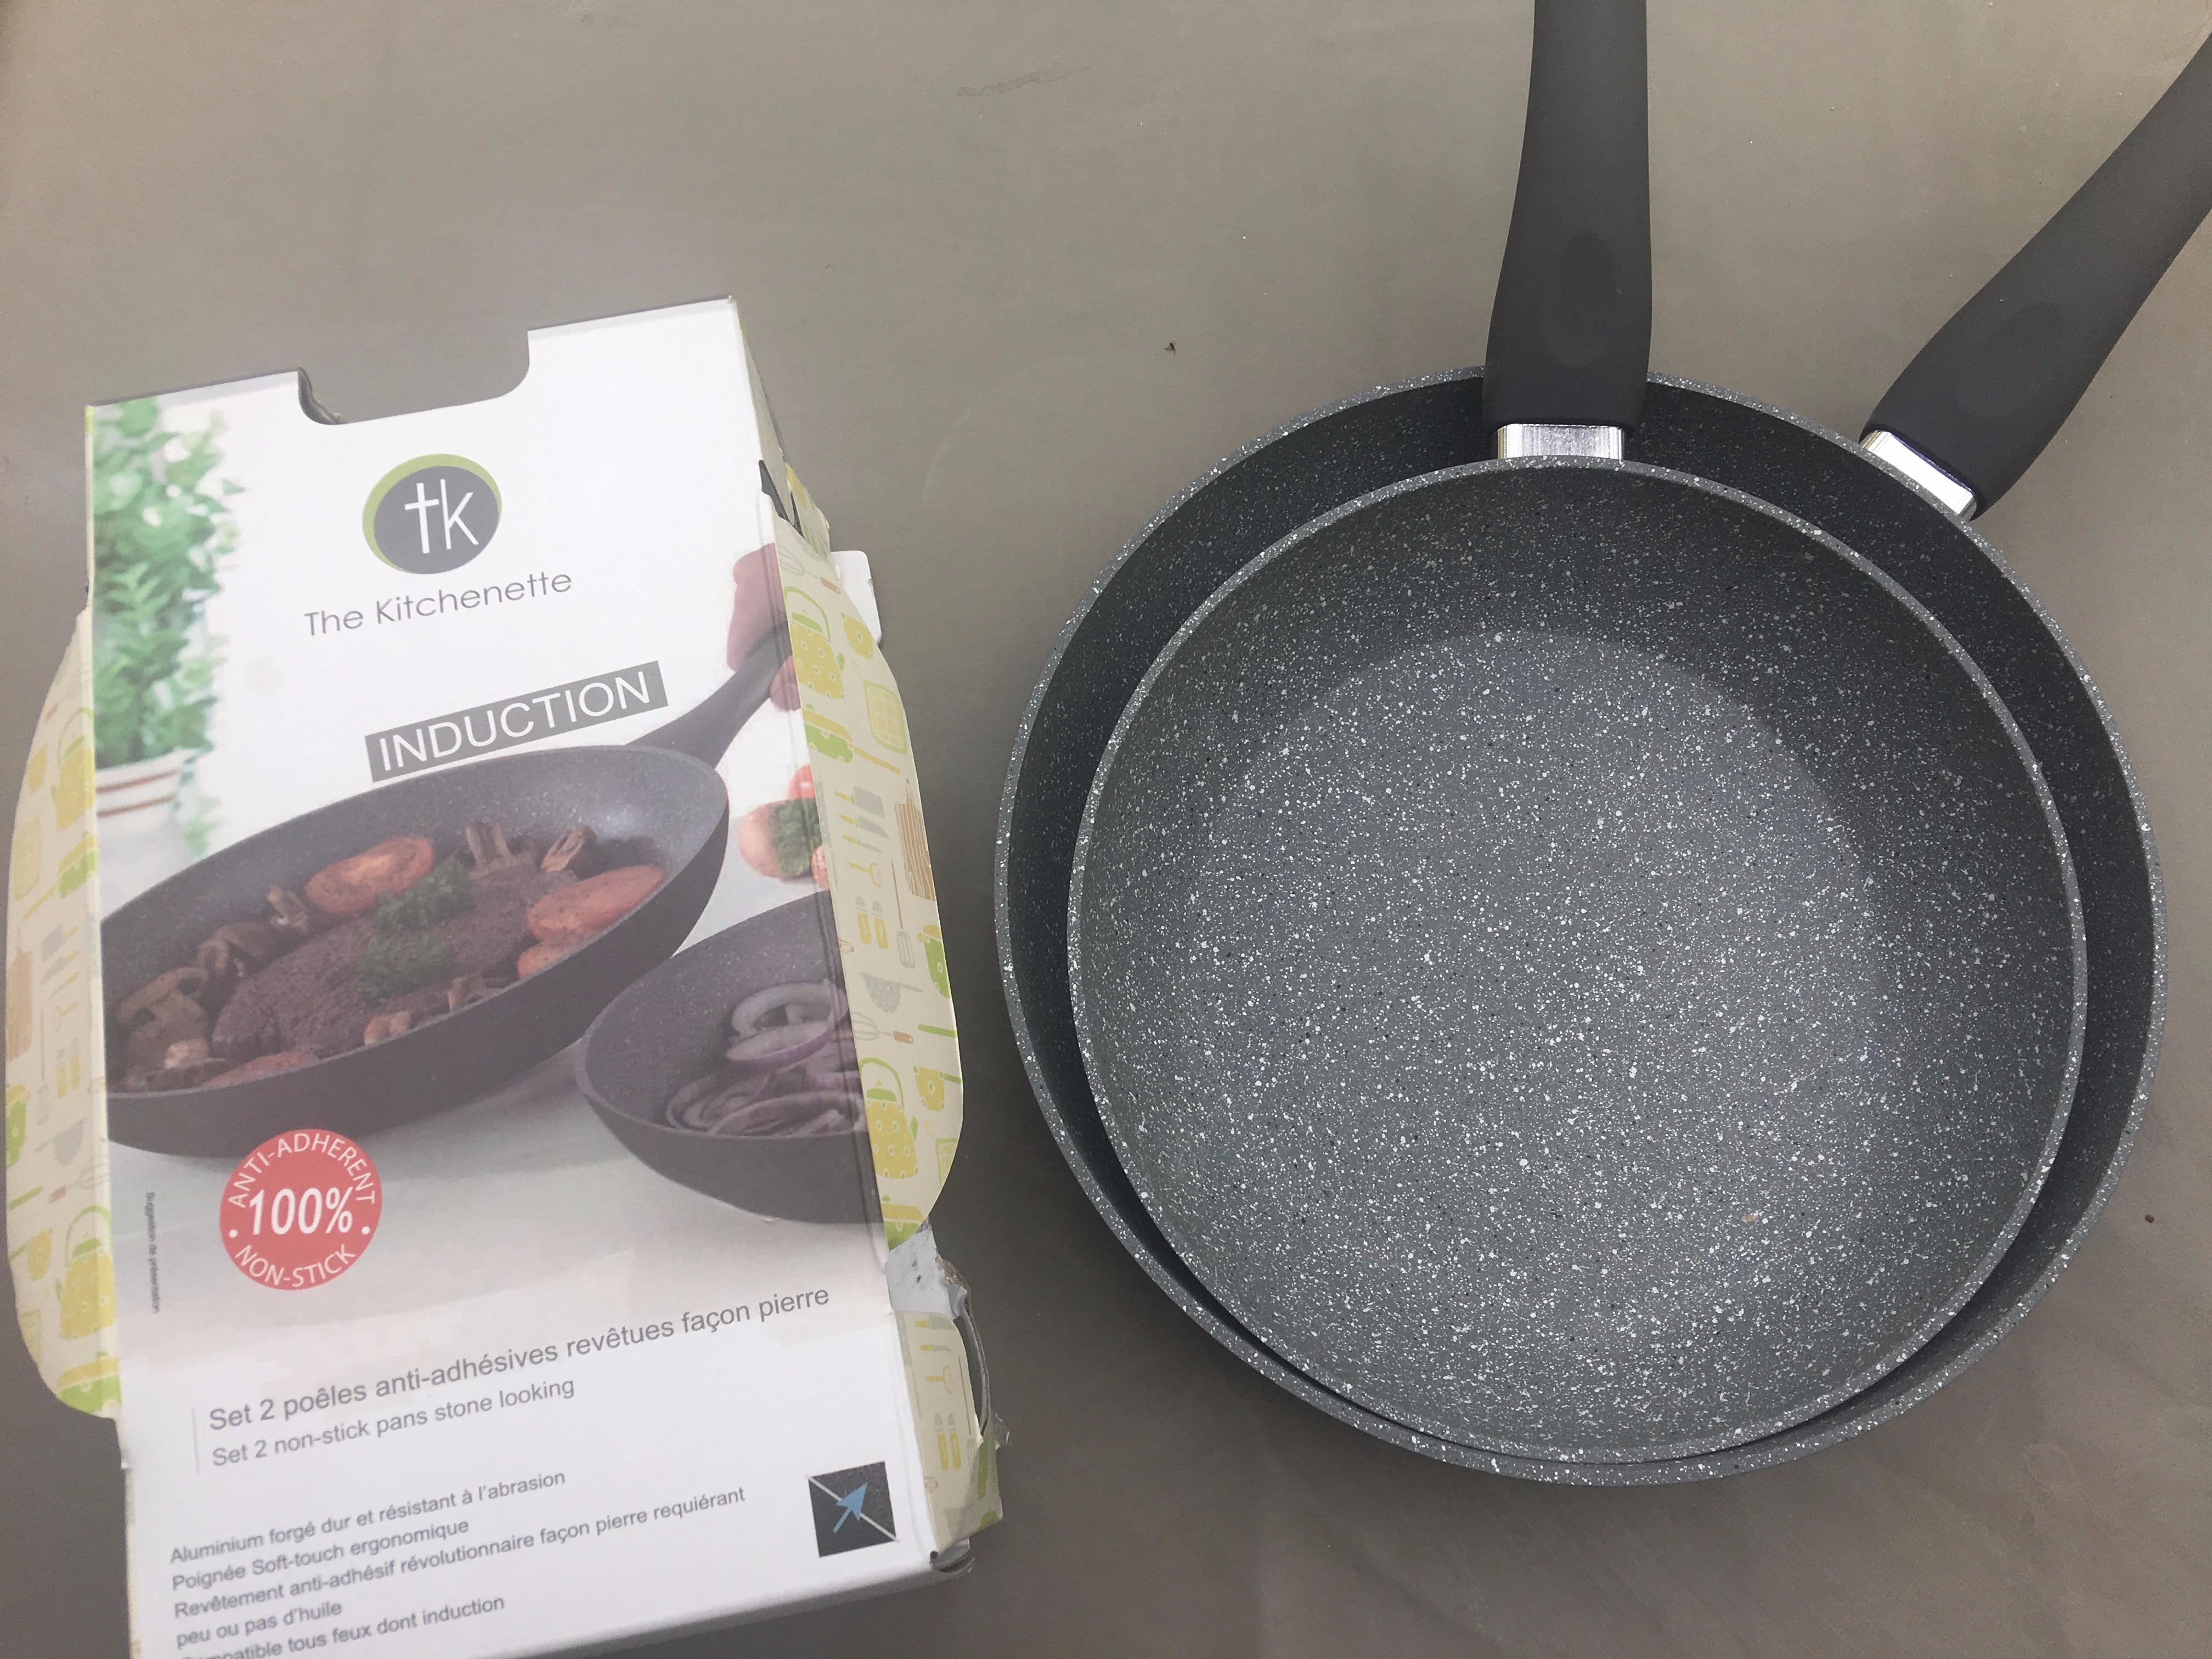 J'ai testé pour vous le kit de poêles The Kitchenette : La pierre au service de la cuisson